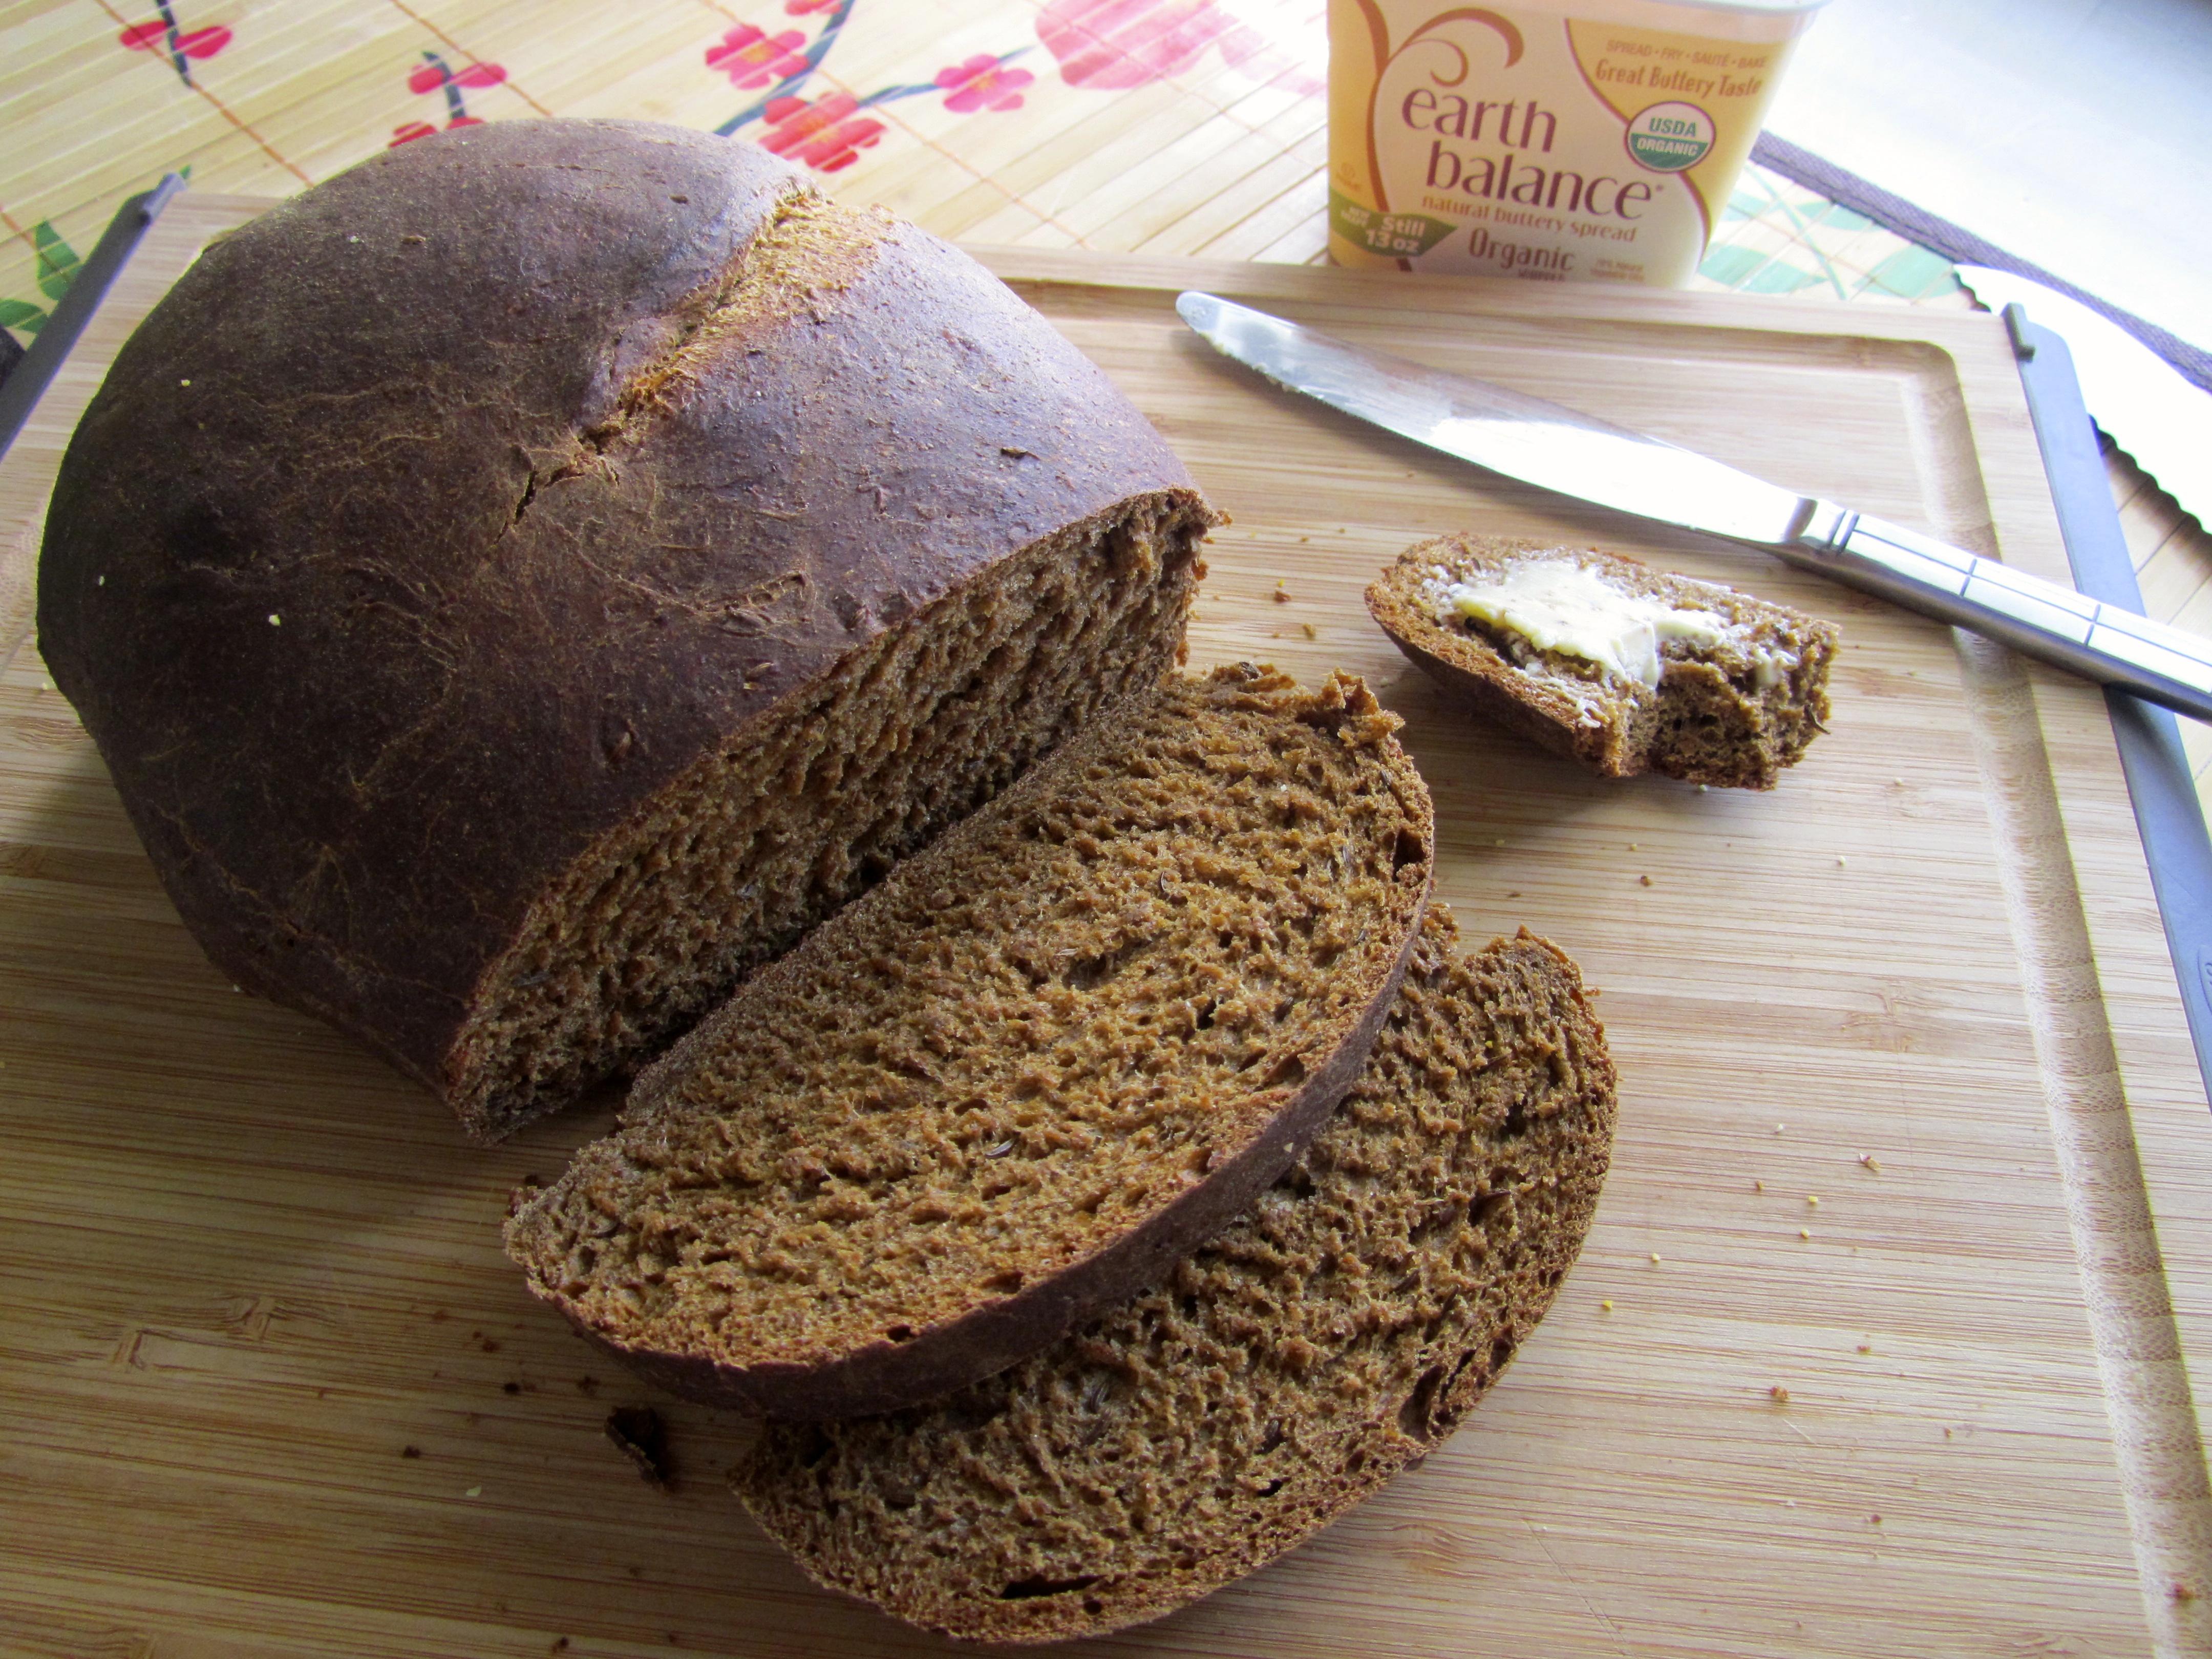 Macam-macam Roti